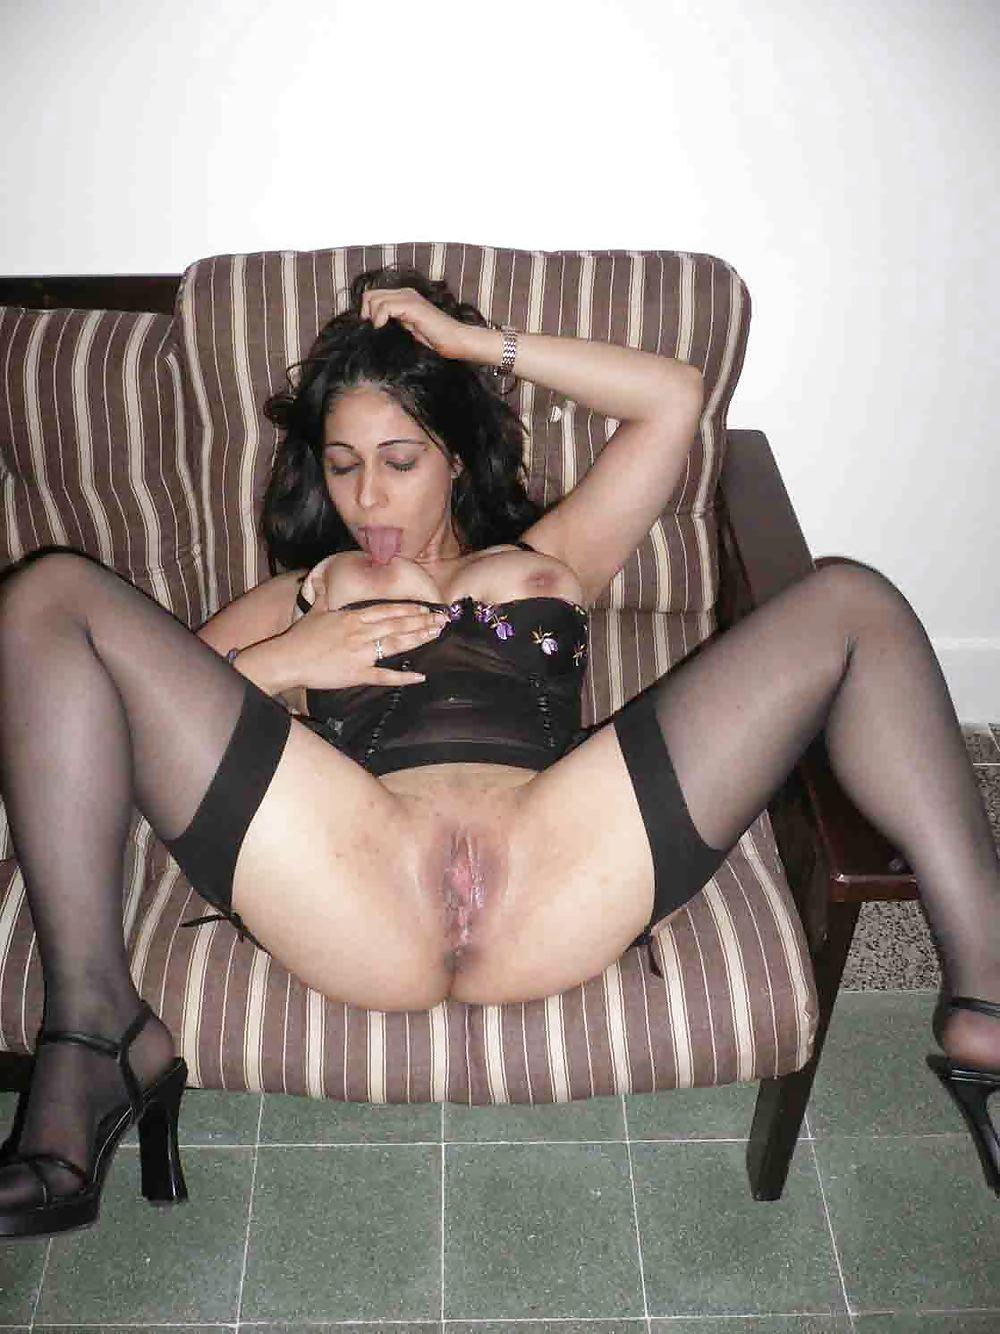 Любительница минета демонстрирует киску раздвинув ноги в чулках